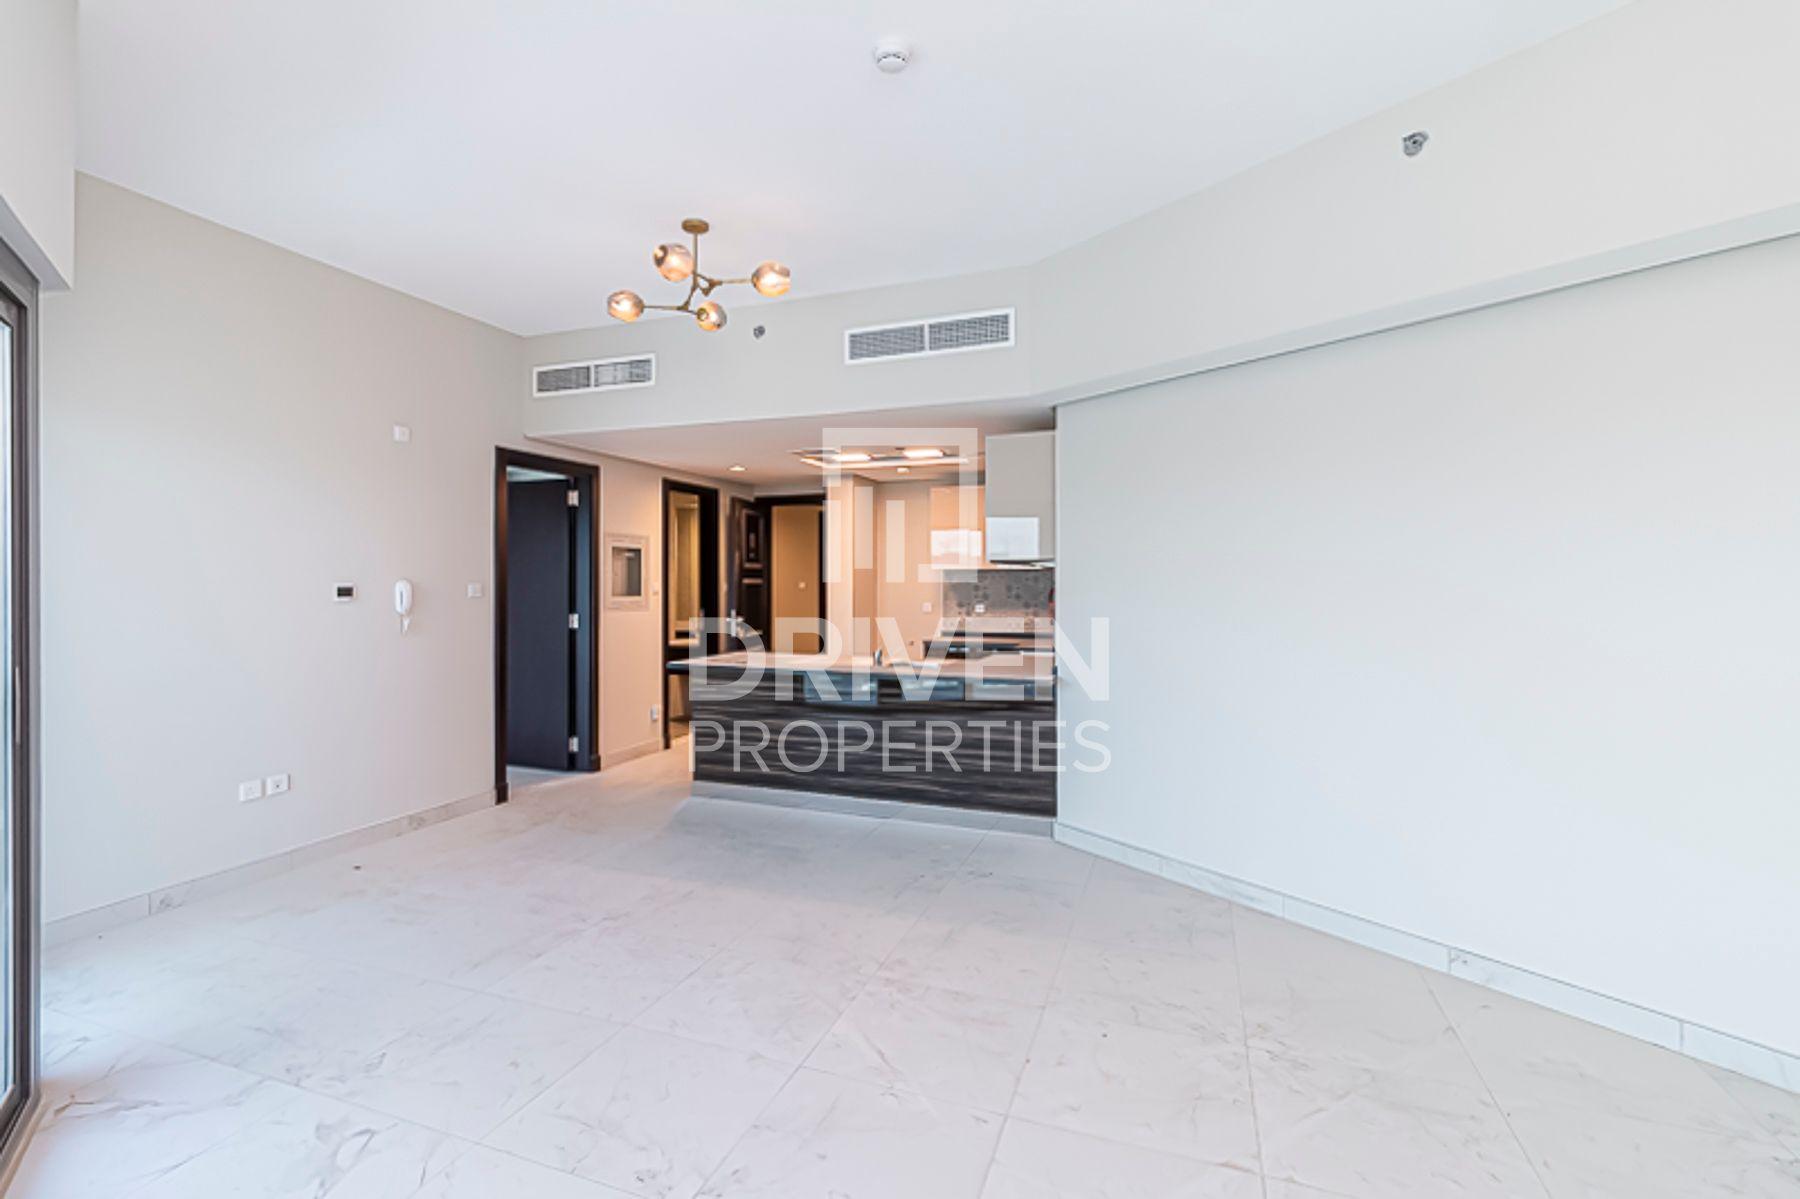 للبيع - شقة - ماج 525 - دبي الجنوب (مركز دبي العالمي)